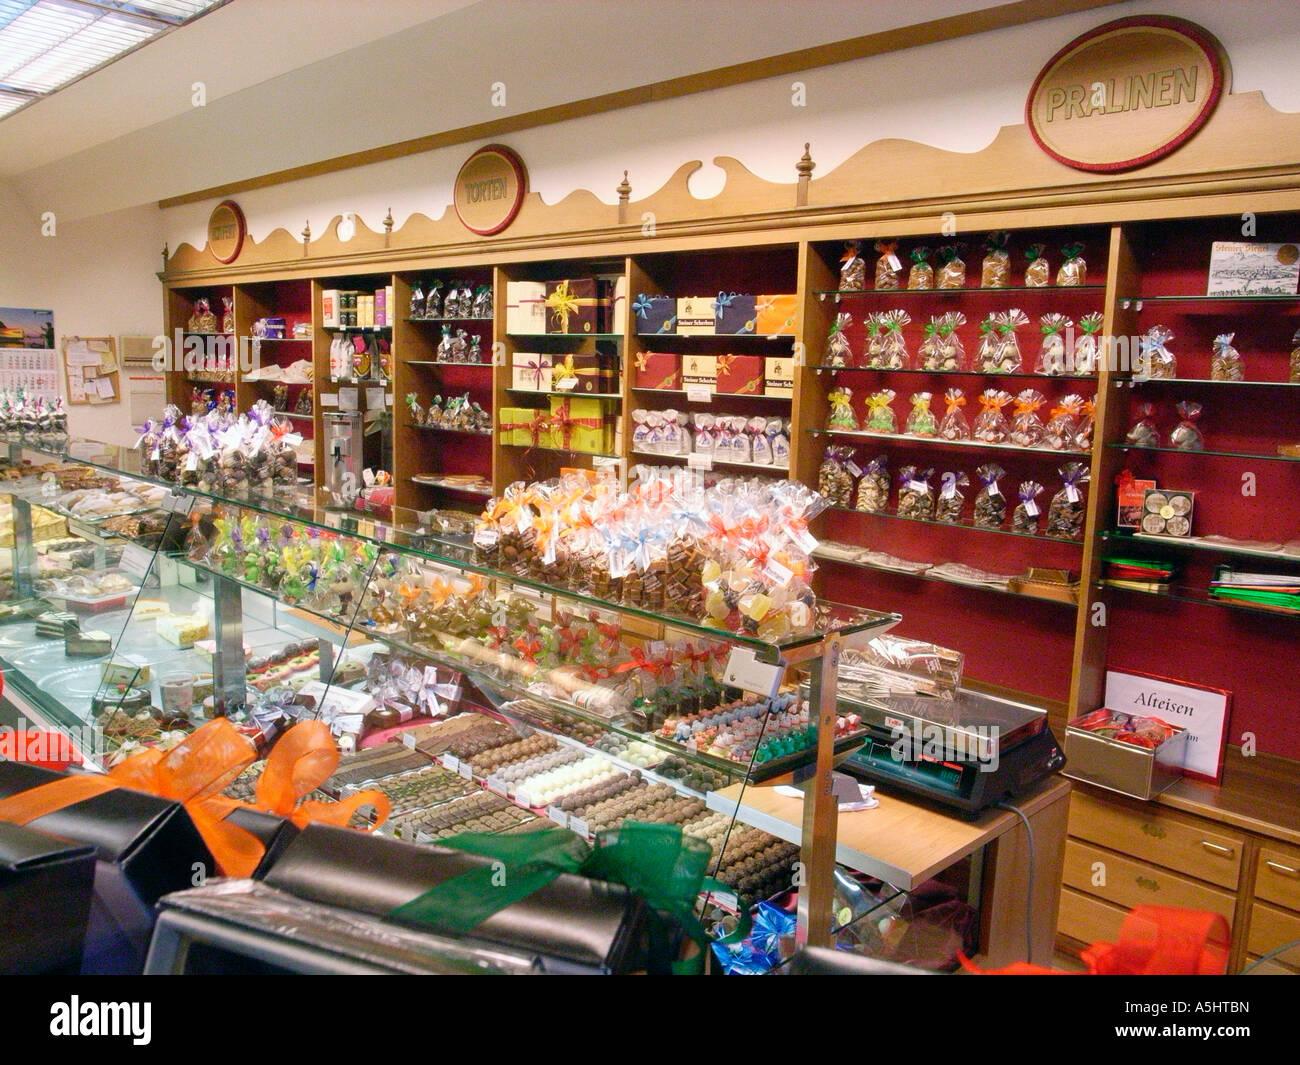 Switzerland Chocolate Store Stock Photos Amp Switzerland